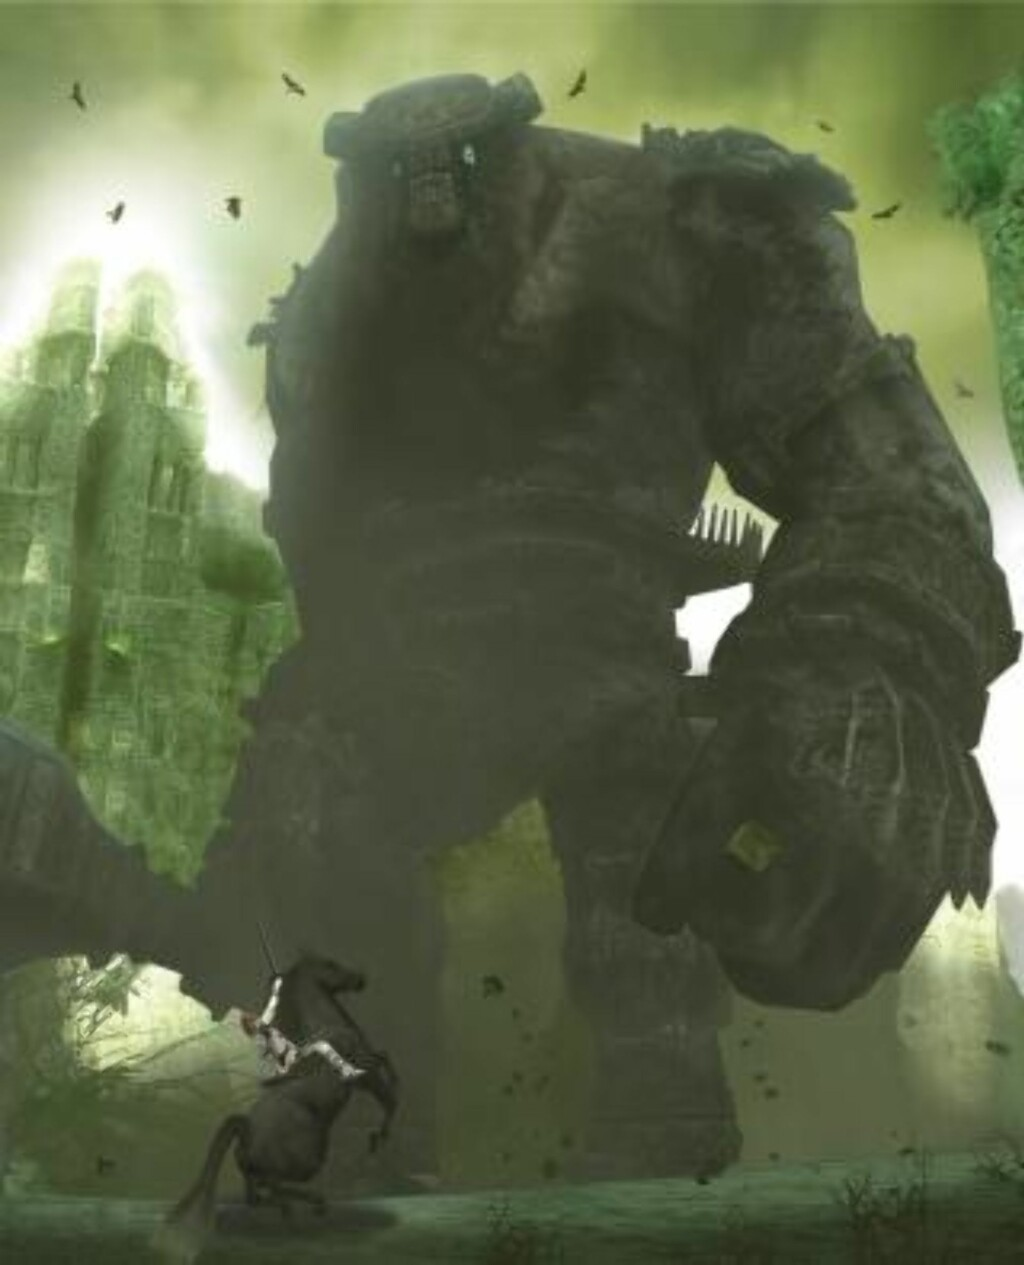 «Shadow of the Colossus» høstet fantastiske anmeldelser når det kom til PlayStation 2 i 2006. Foto: Sony